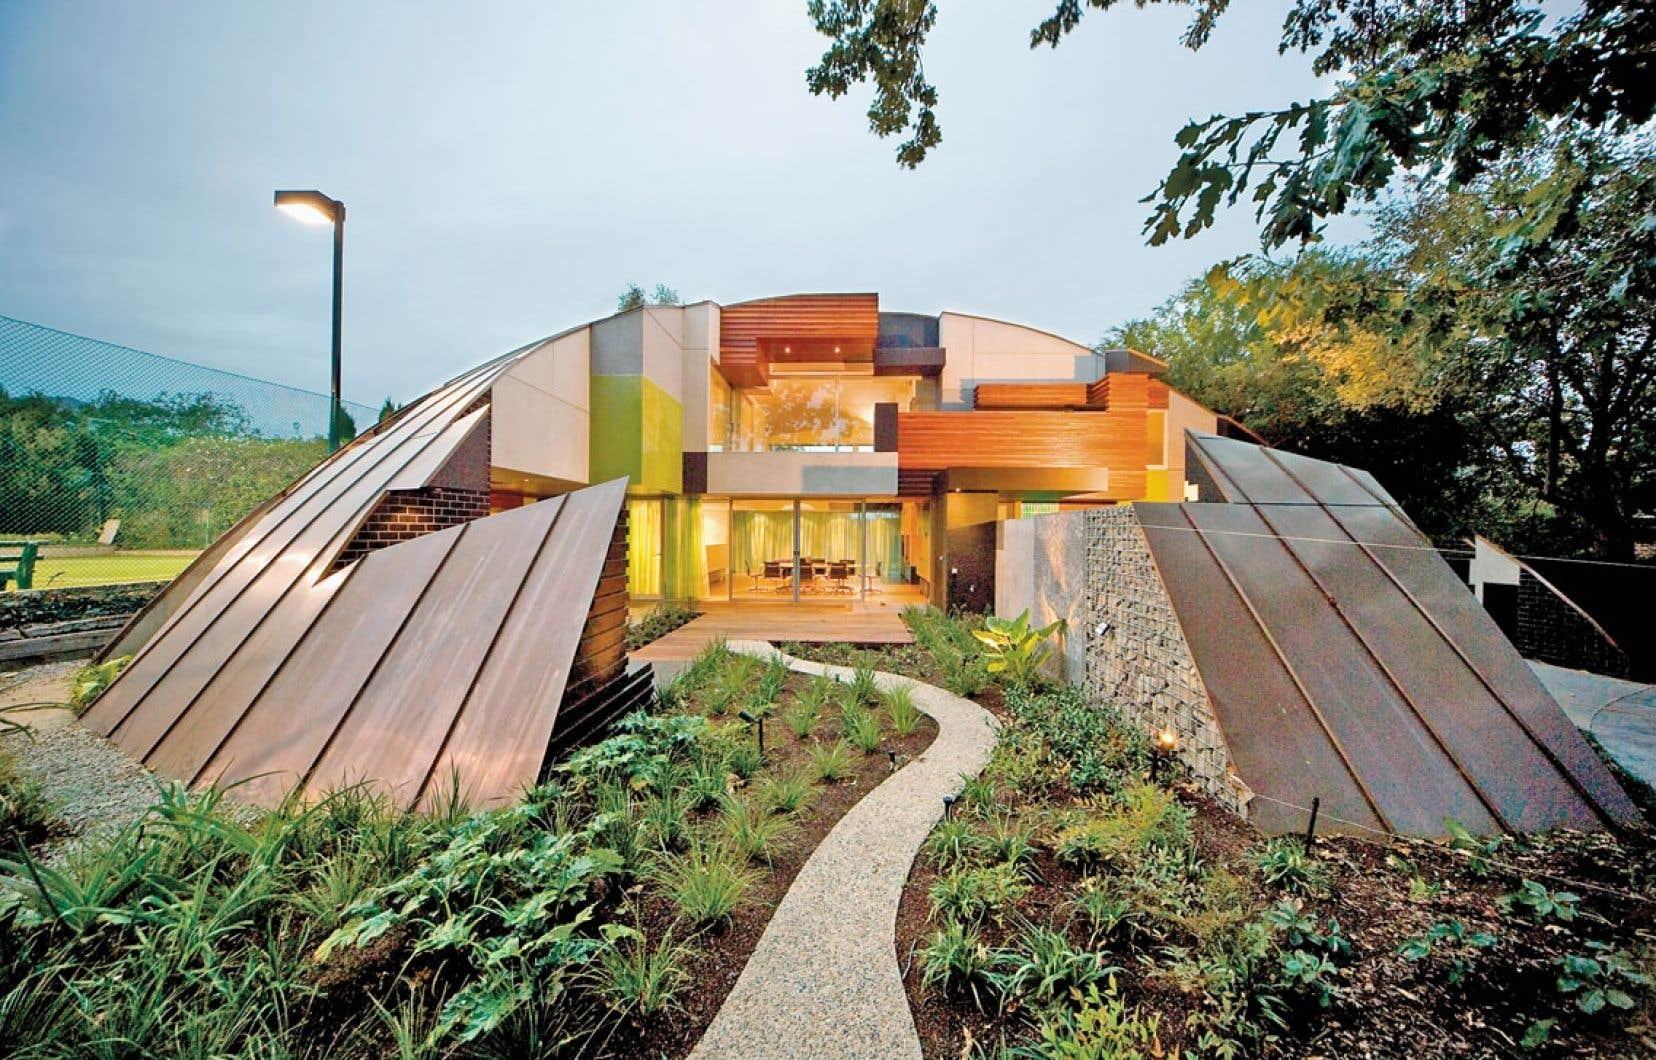 Life Architecturally fait découvrir l'univers créatif d'un couple australien formé par un architecte et une designer.